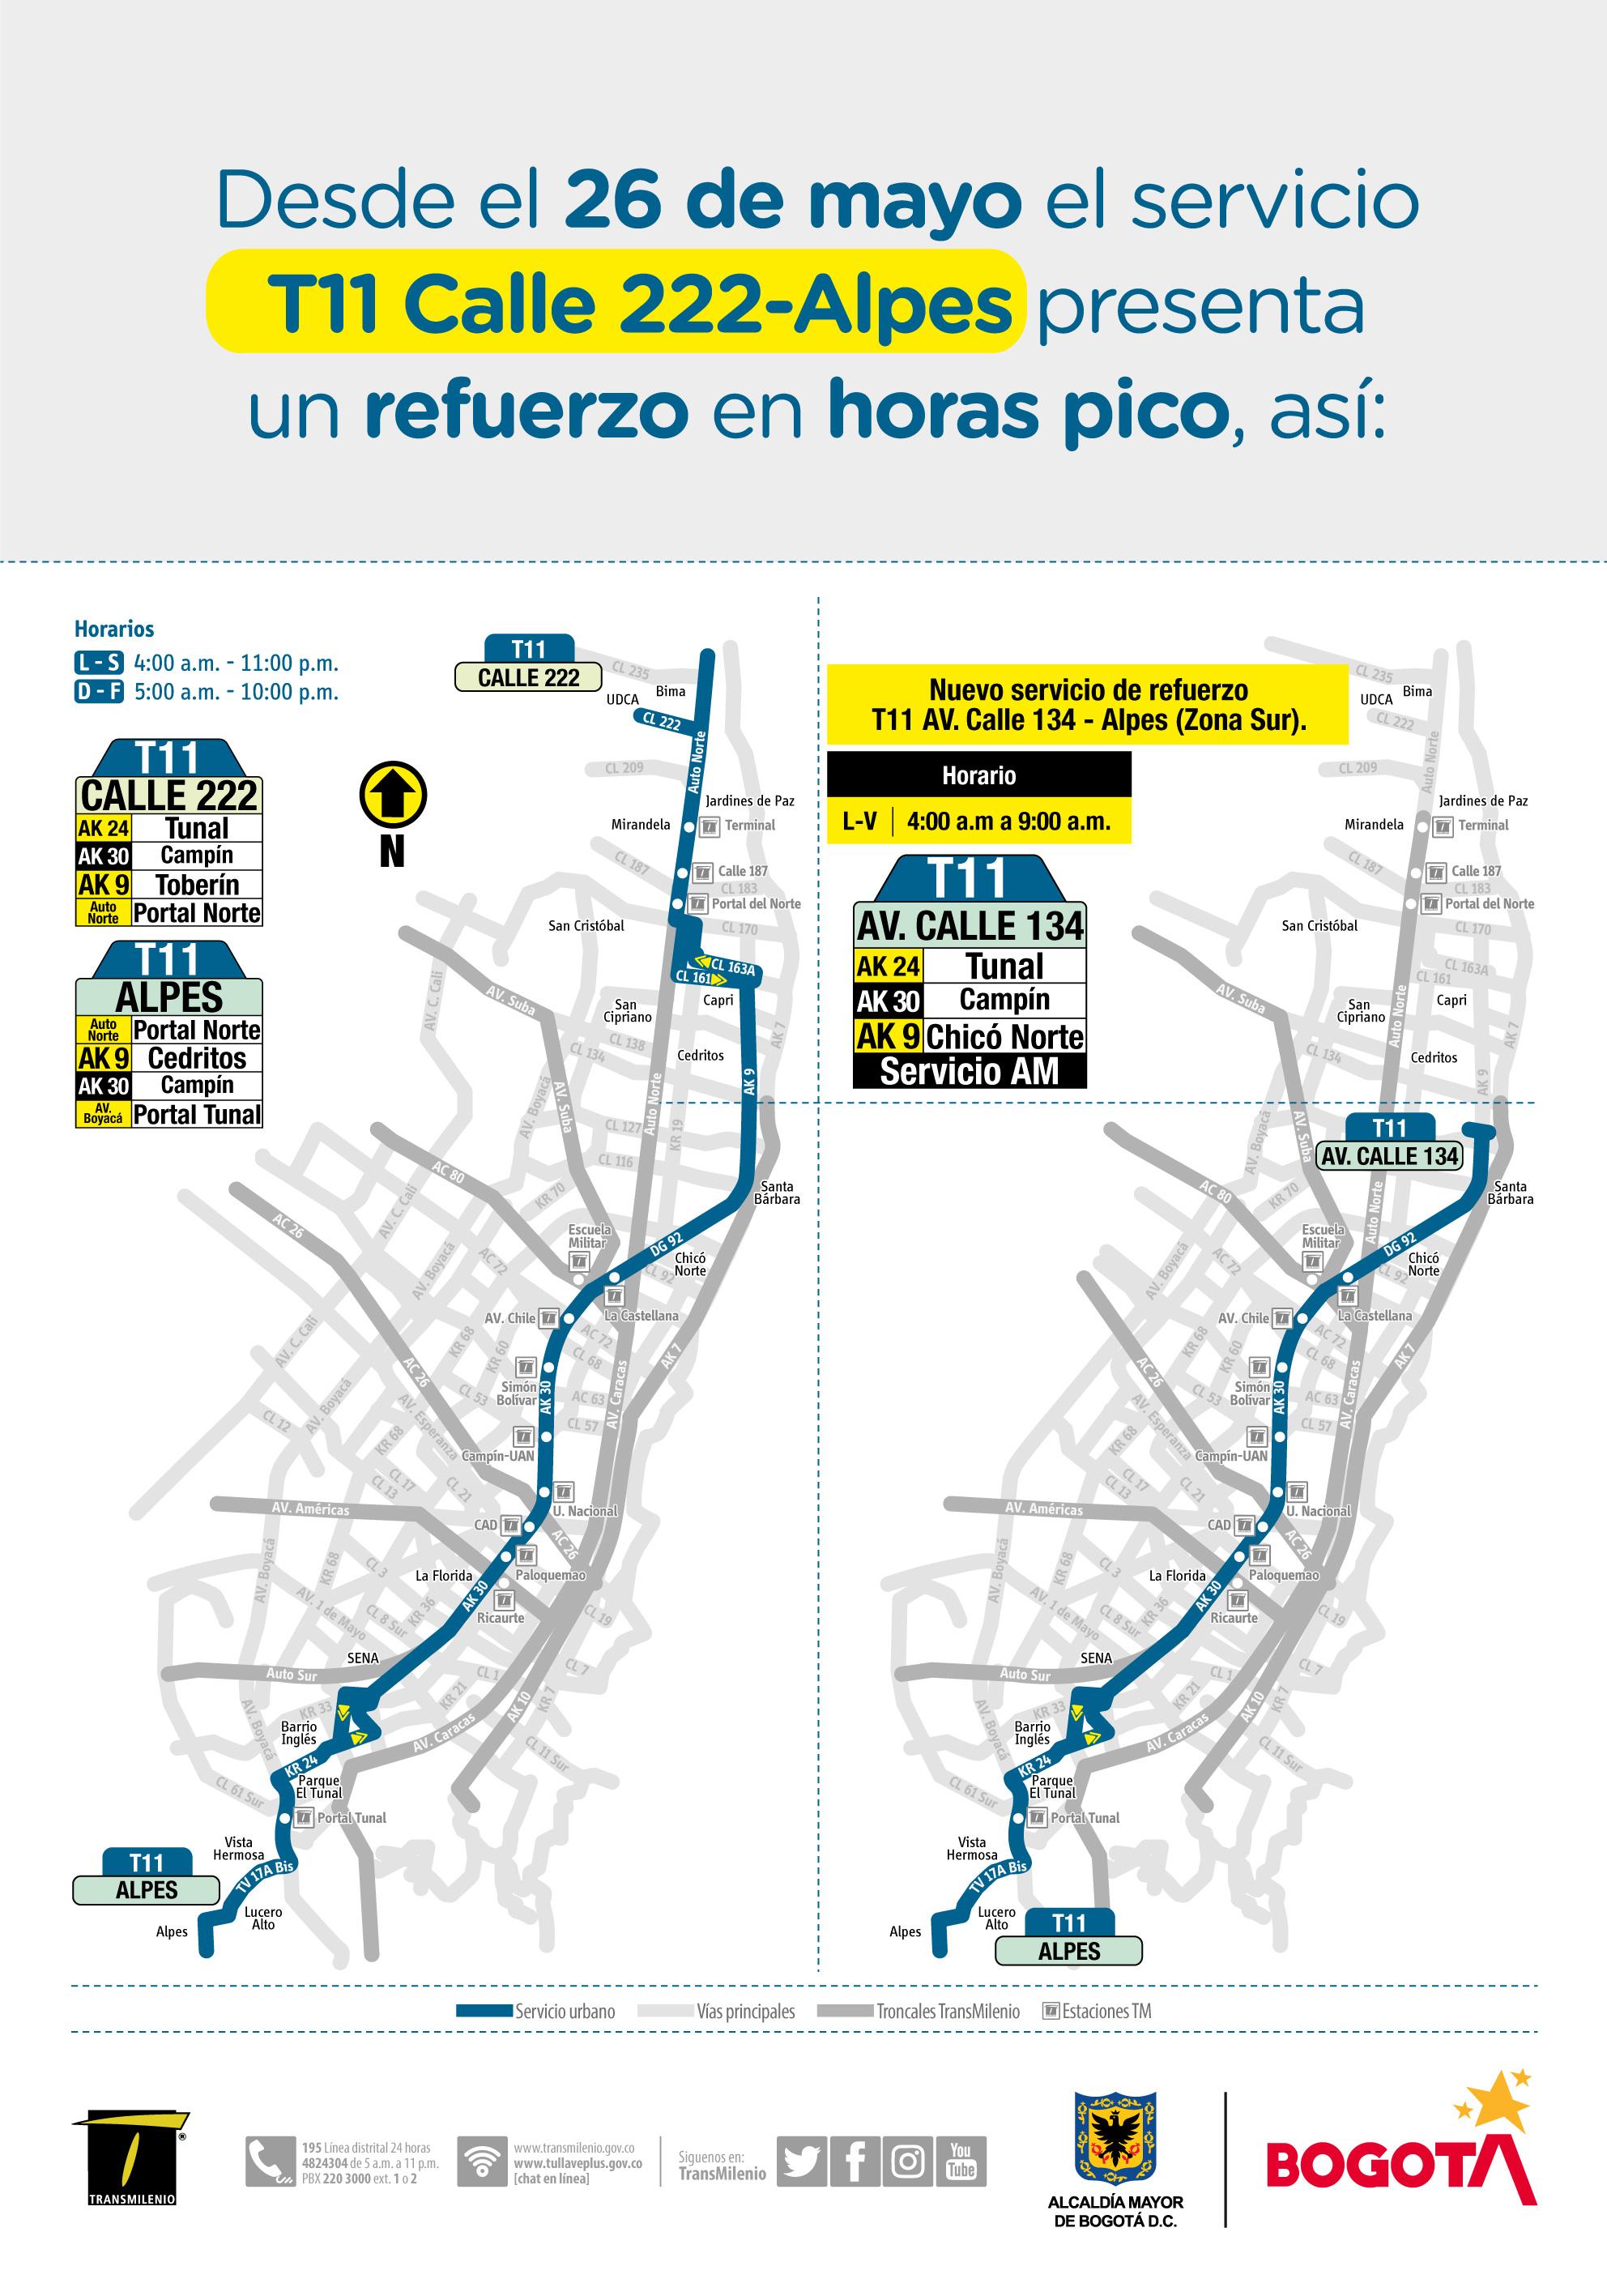 La Ruta Zonal T11 Calle 222 Alpes Tendra Modificaciones